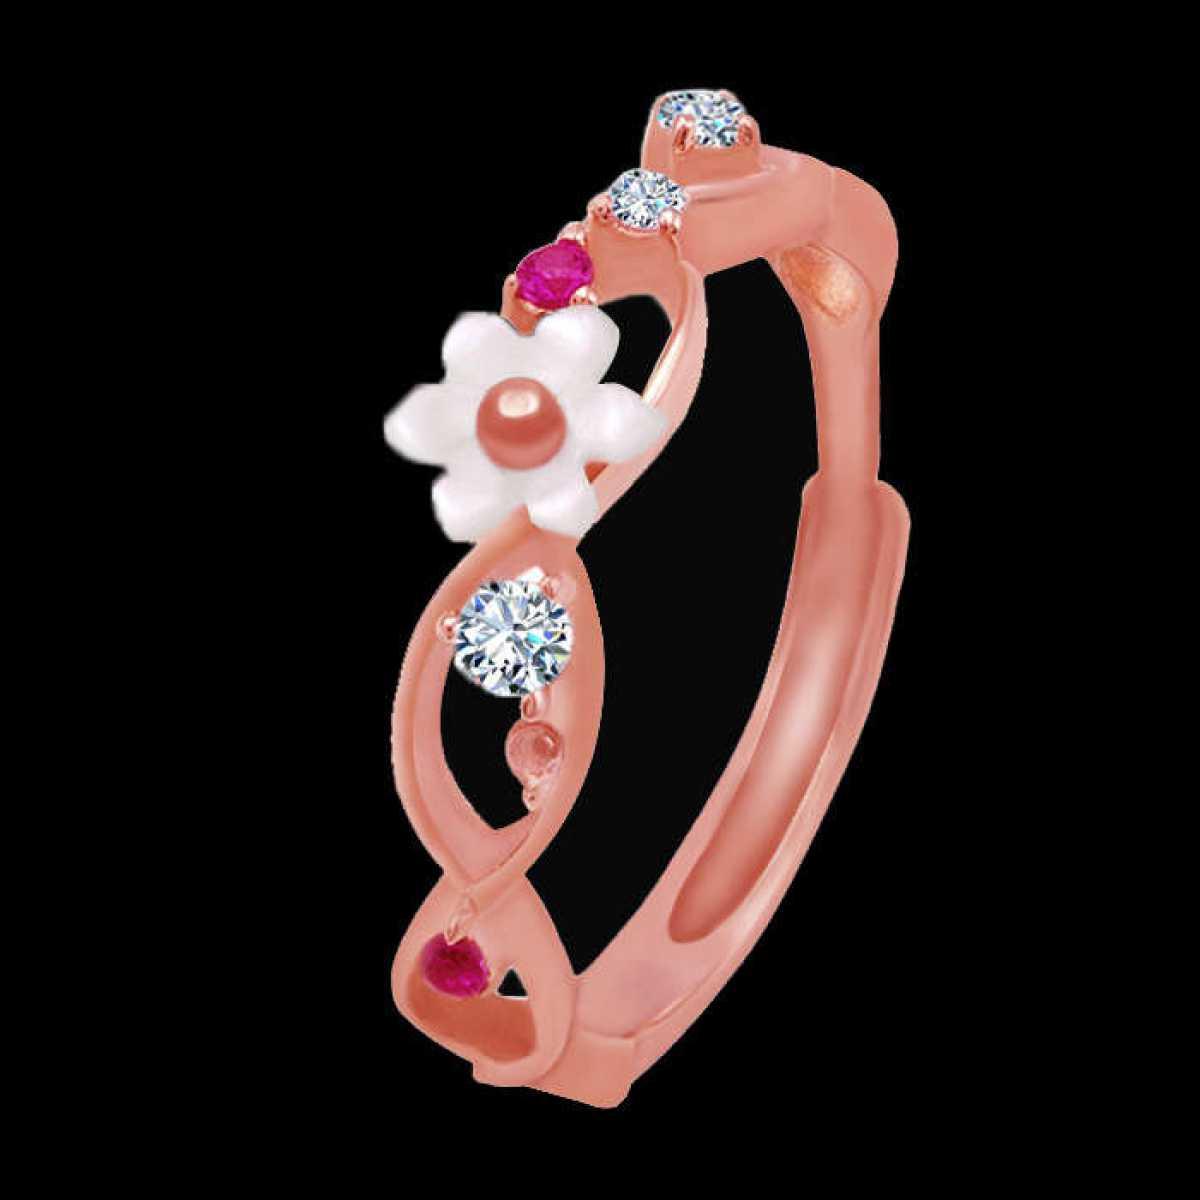 Rose-Gold White Flower Ring